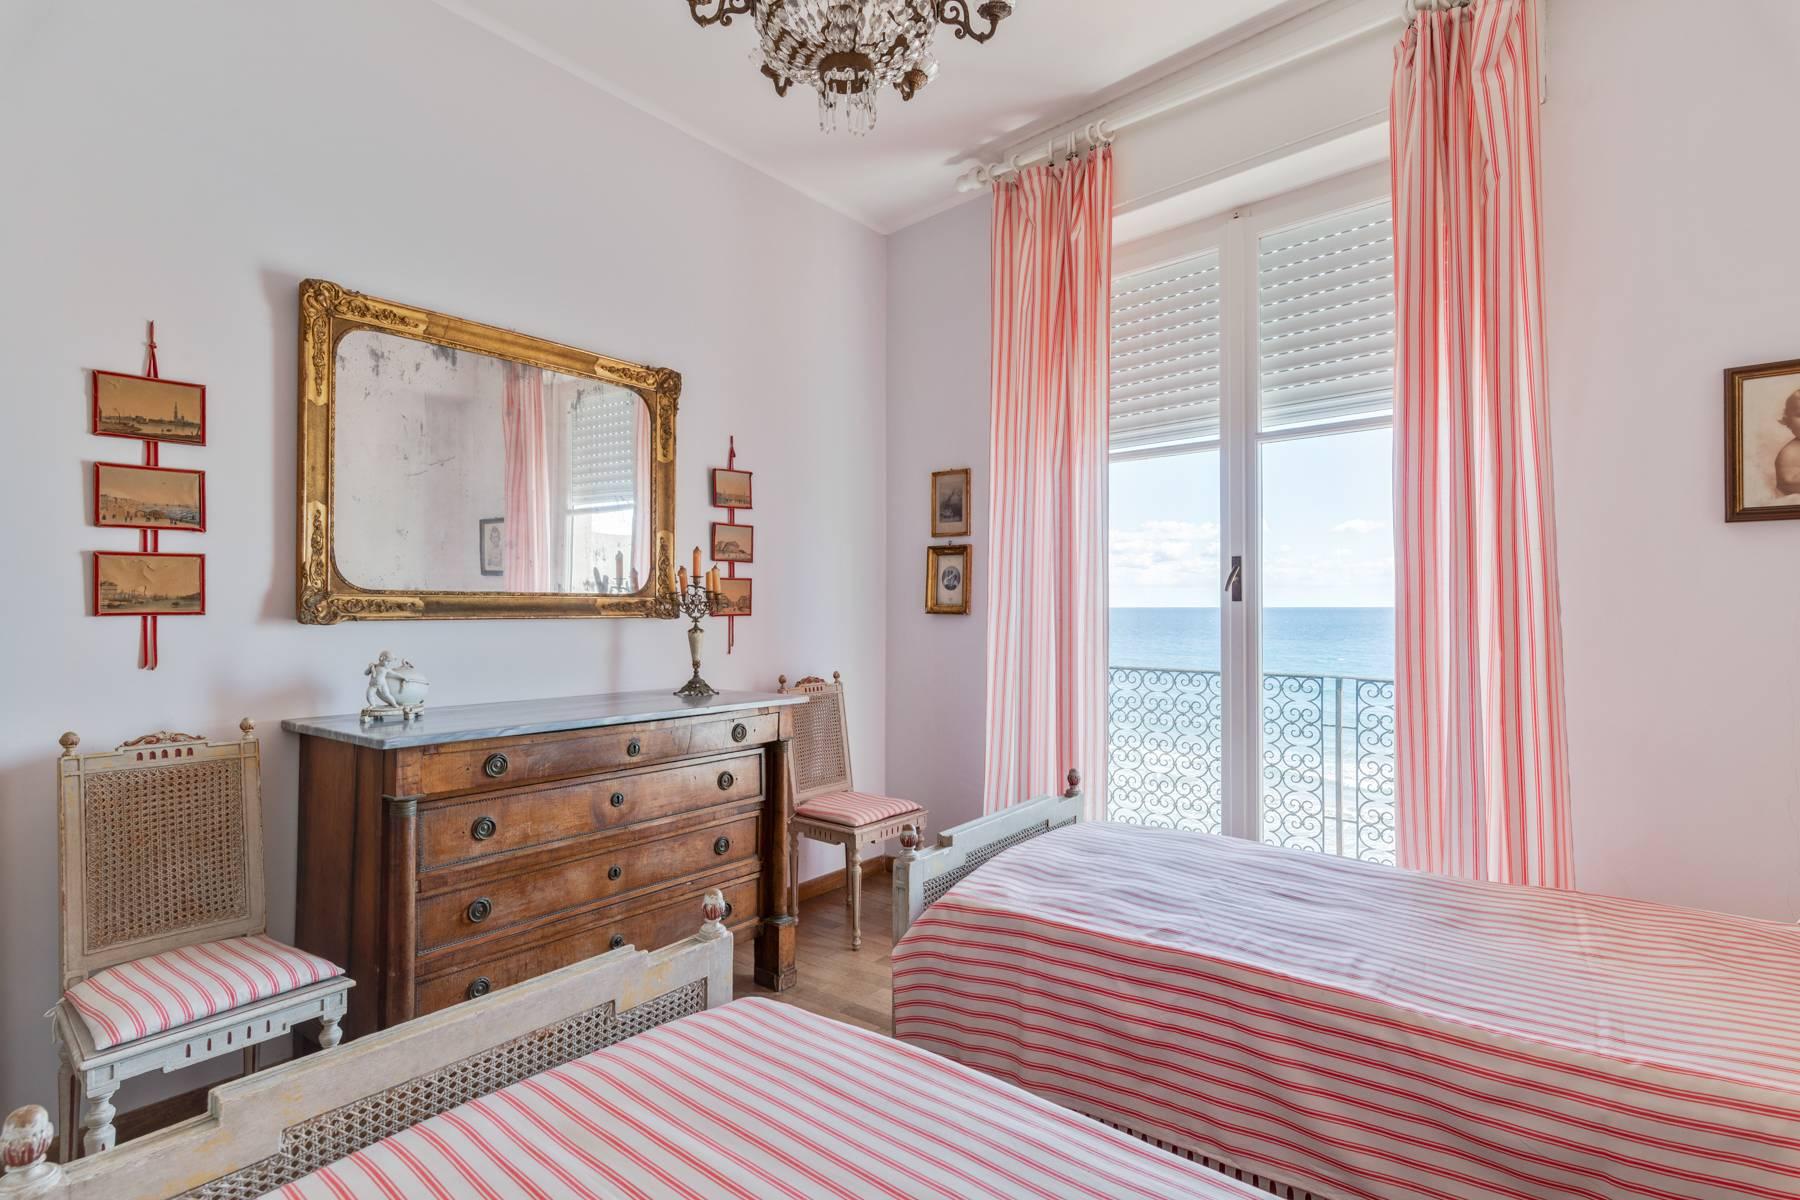 Appartamento in Vendita a Alassio: 5 locali, 177 mq - Foto 12